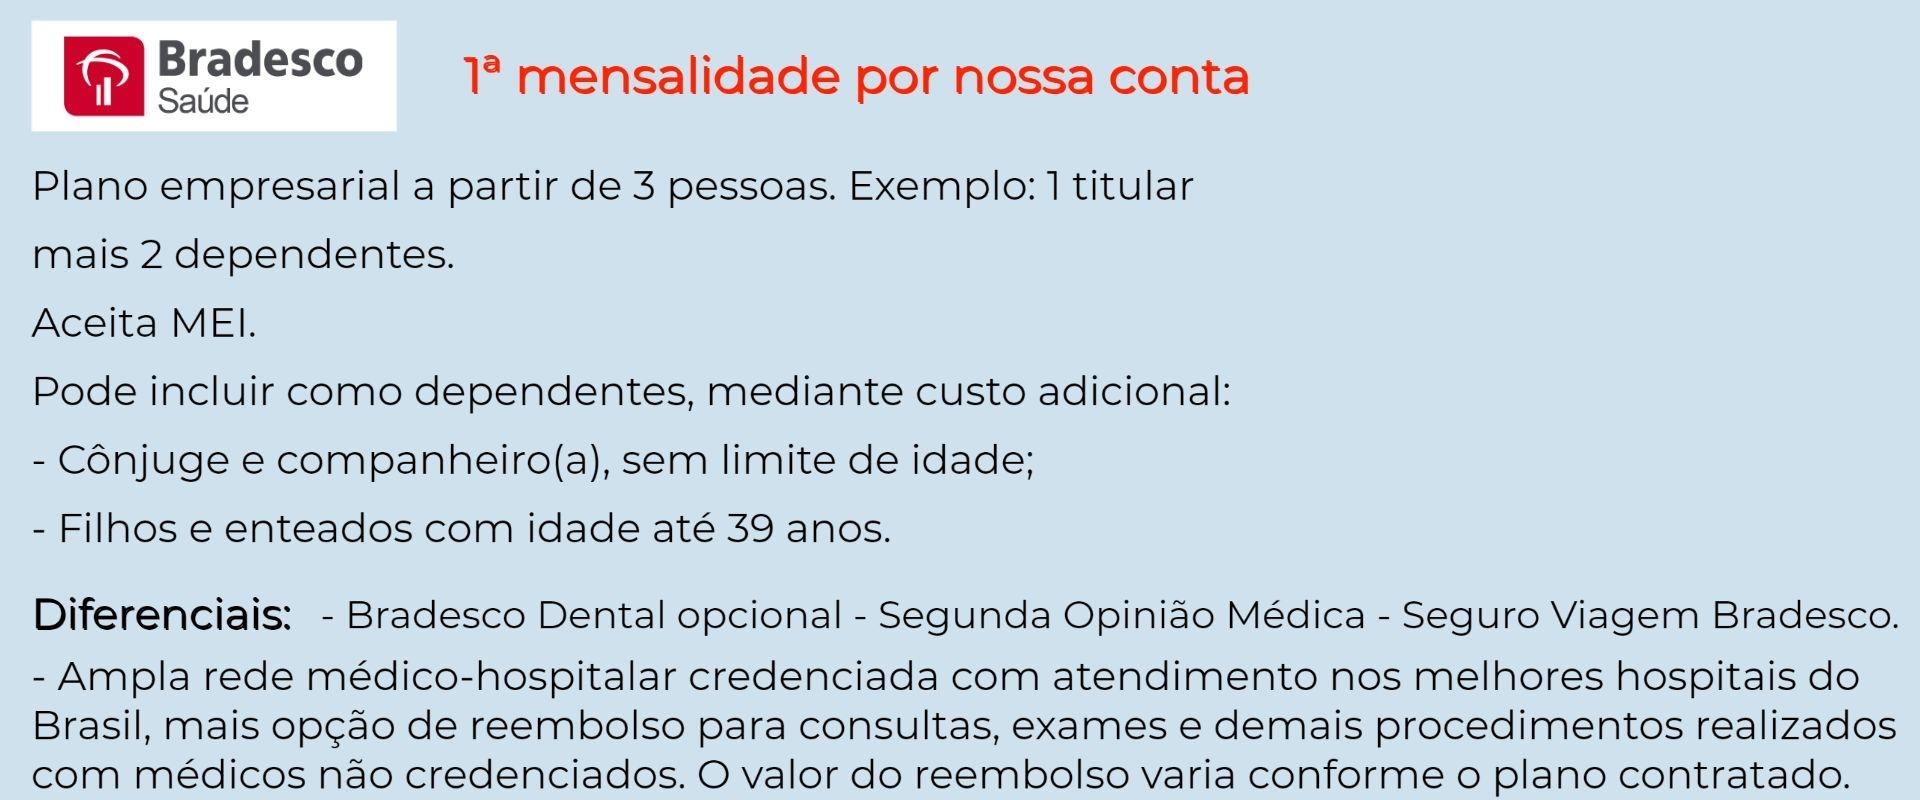 Bradesco Saúde Empresarial - Cruzeiro do Sul